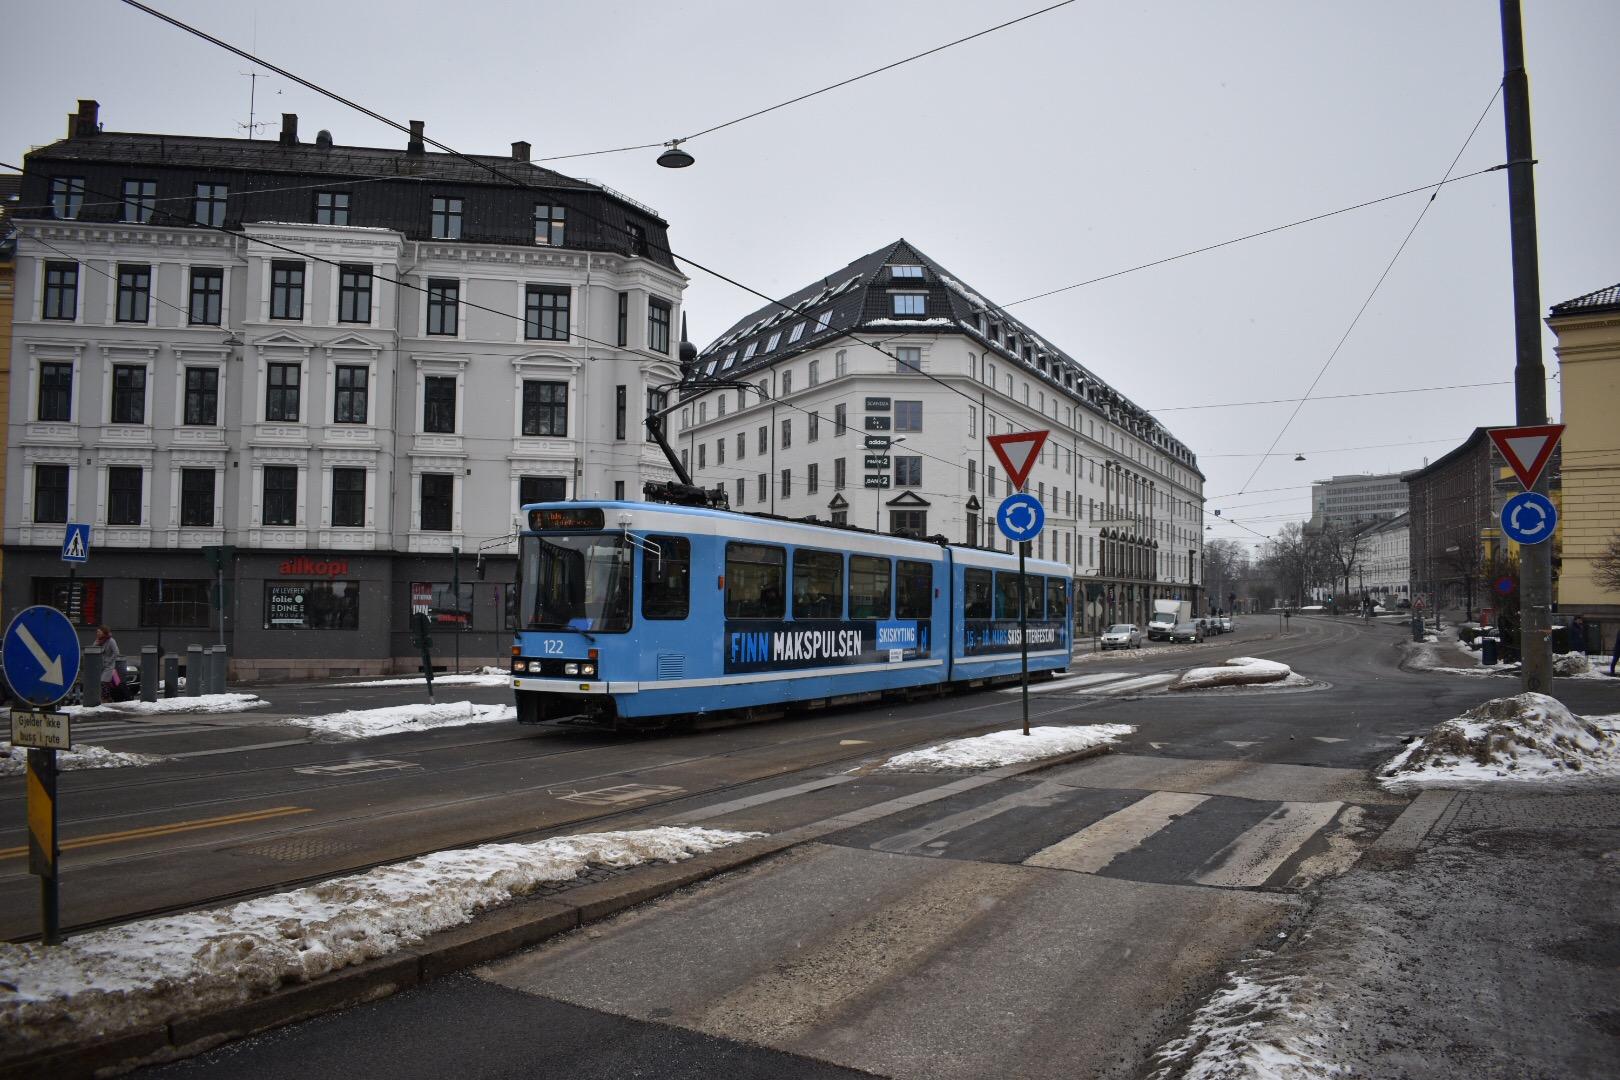 A Tram in Oslo, Norway